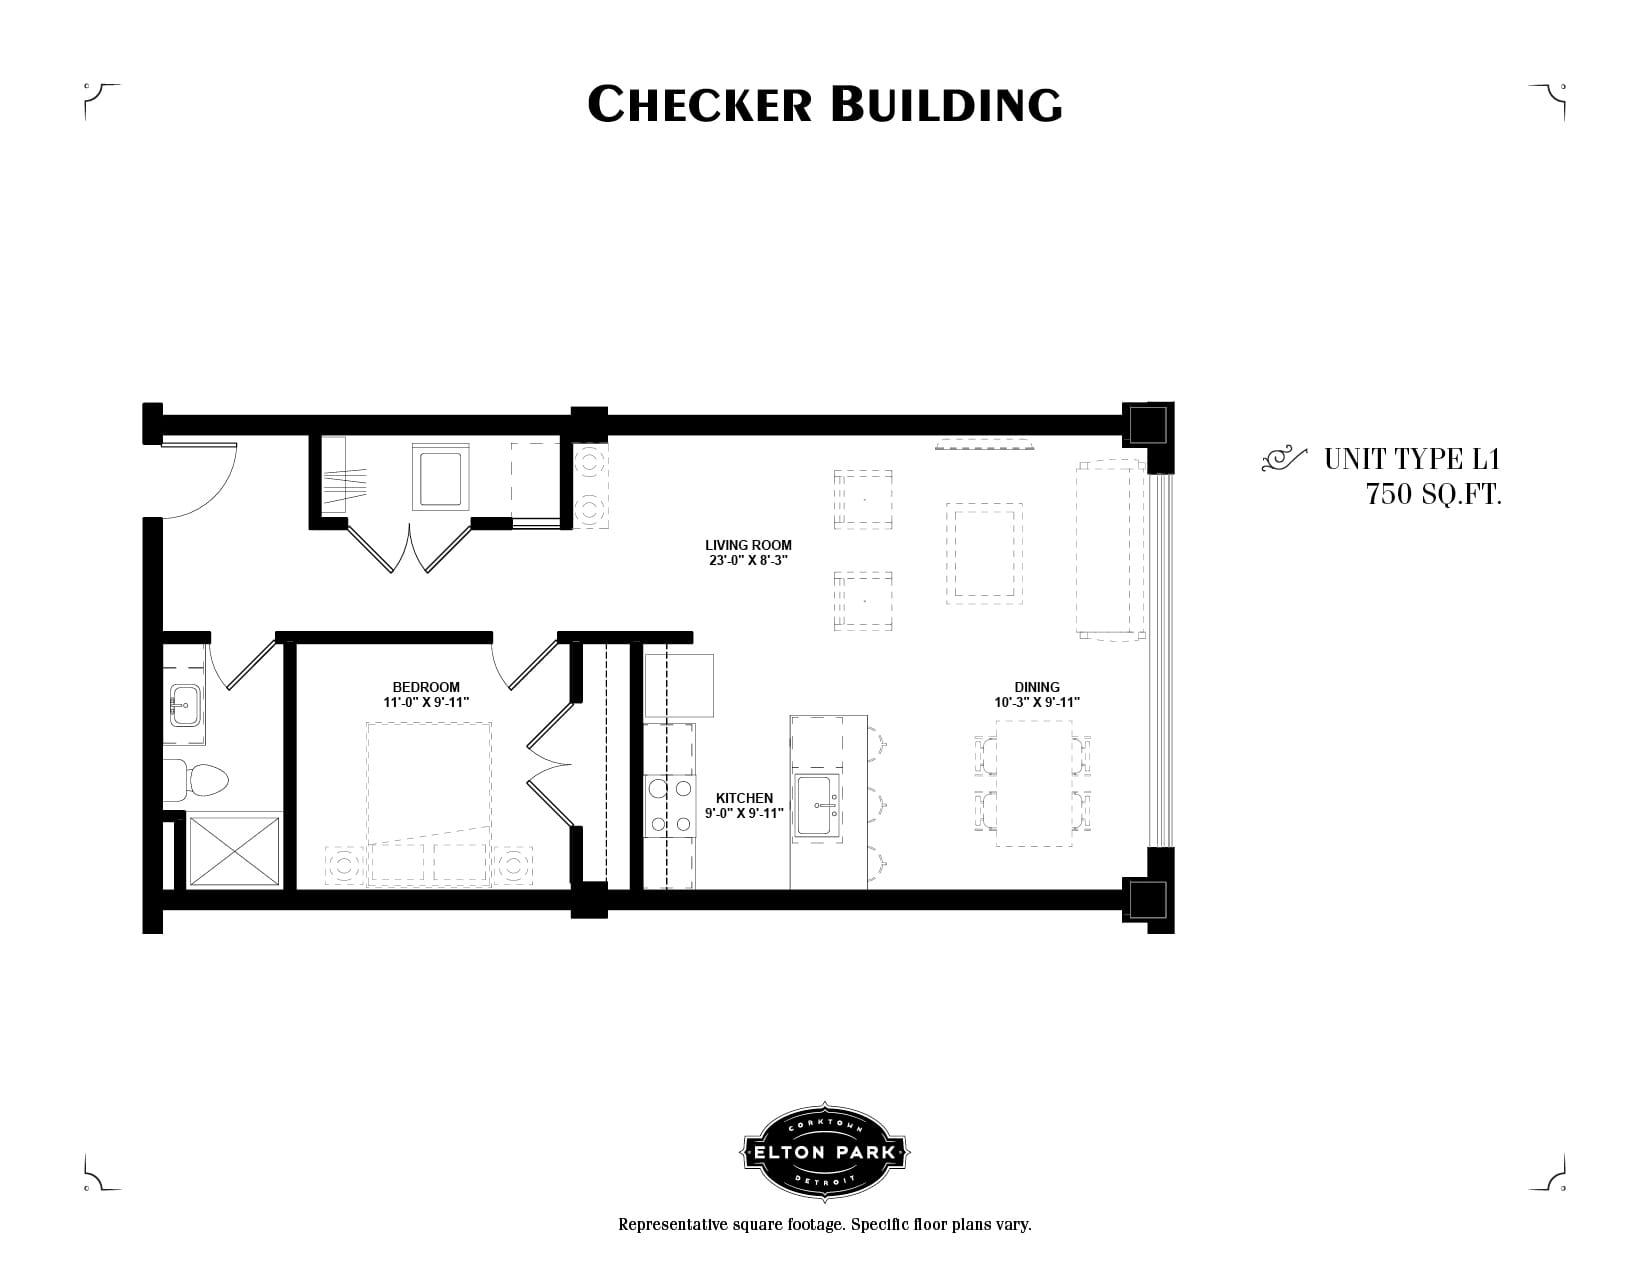 Checker Building Unit Type L1